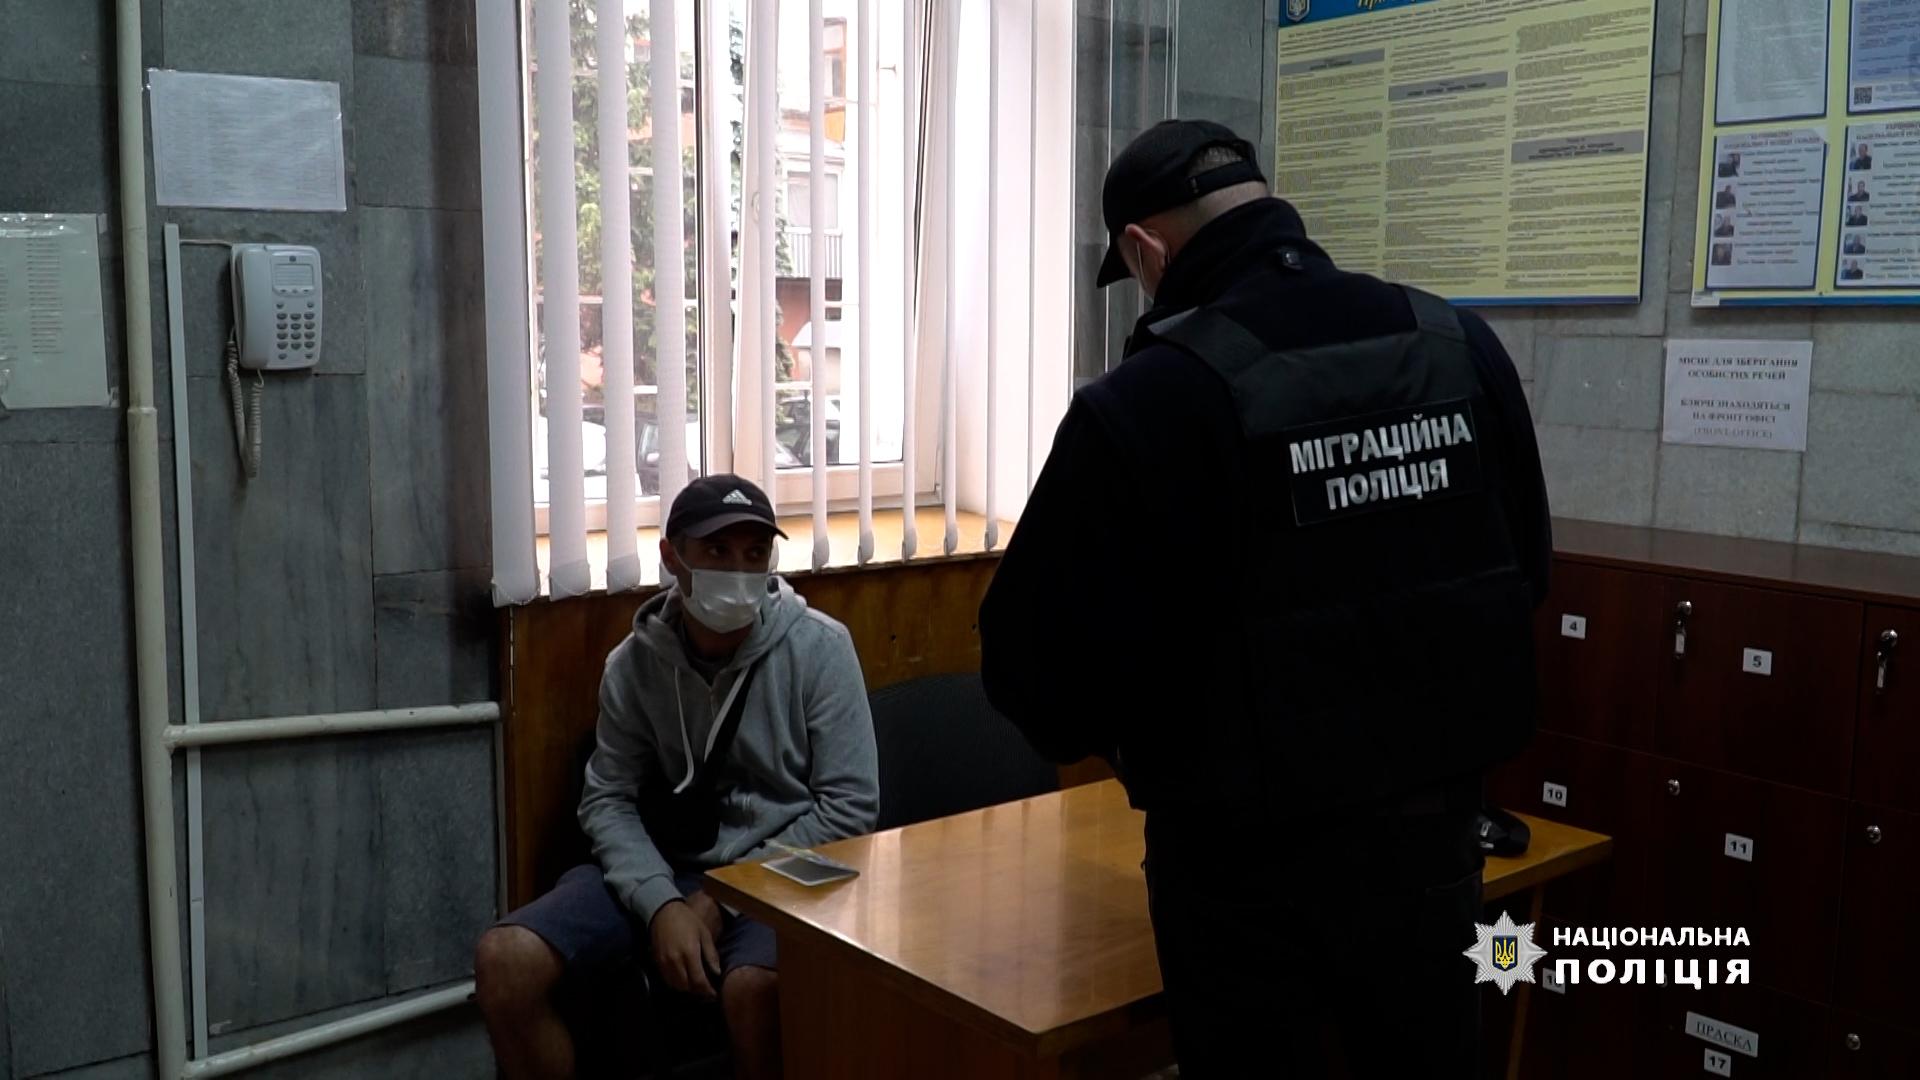 Міграційники Тернопільщини виявили іноземця з підробленими документами